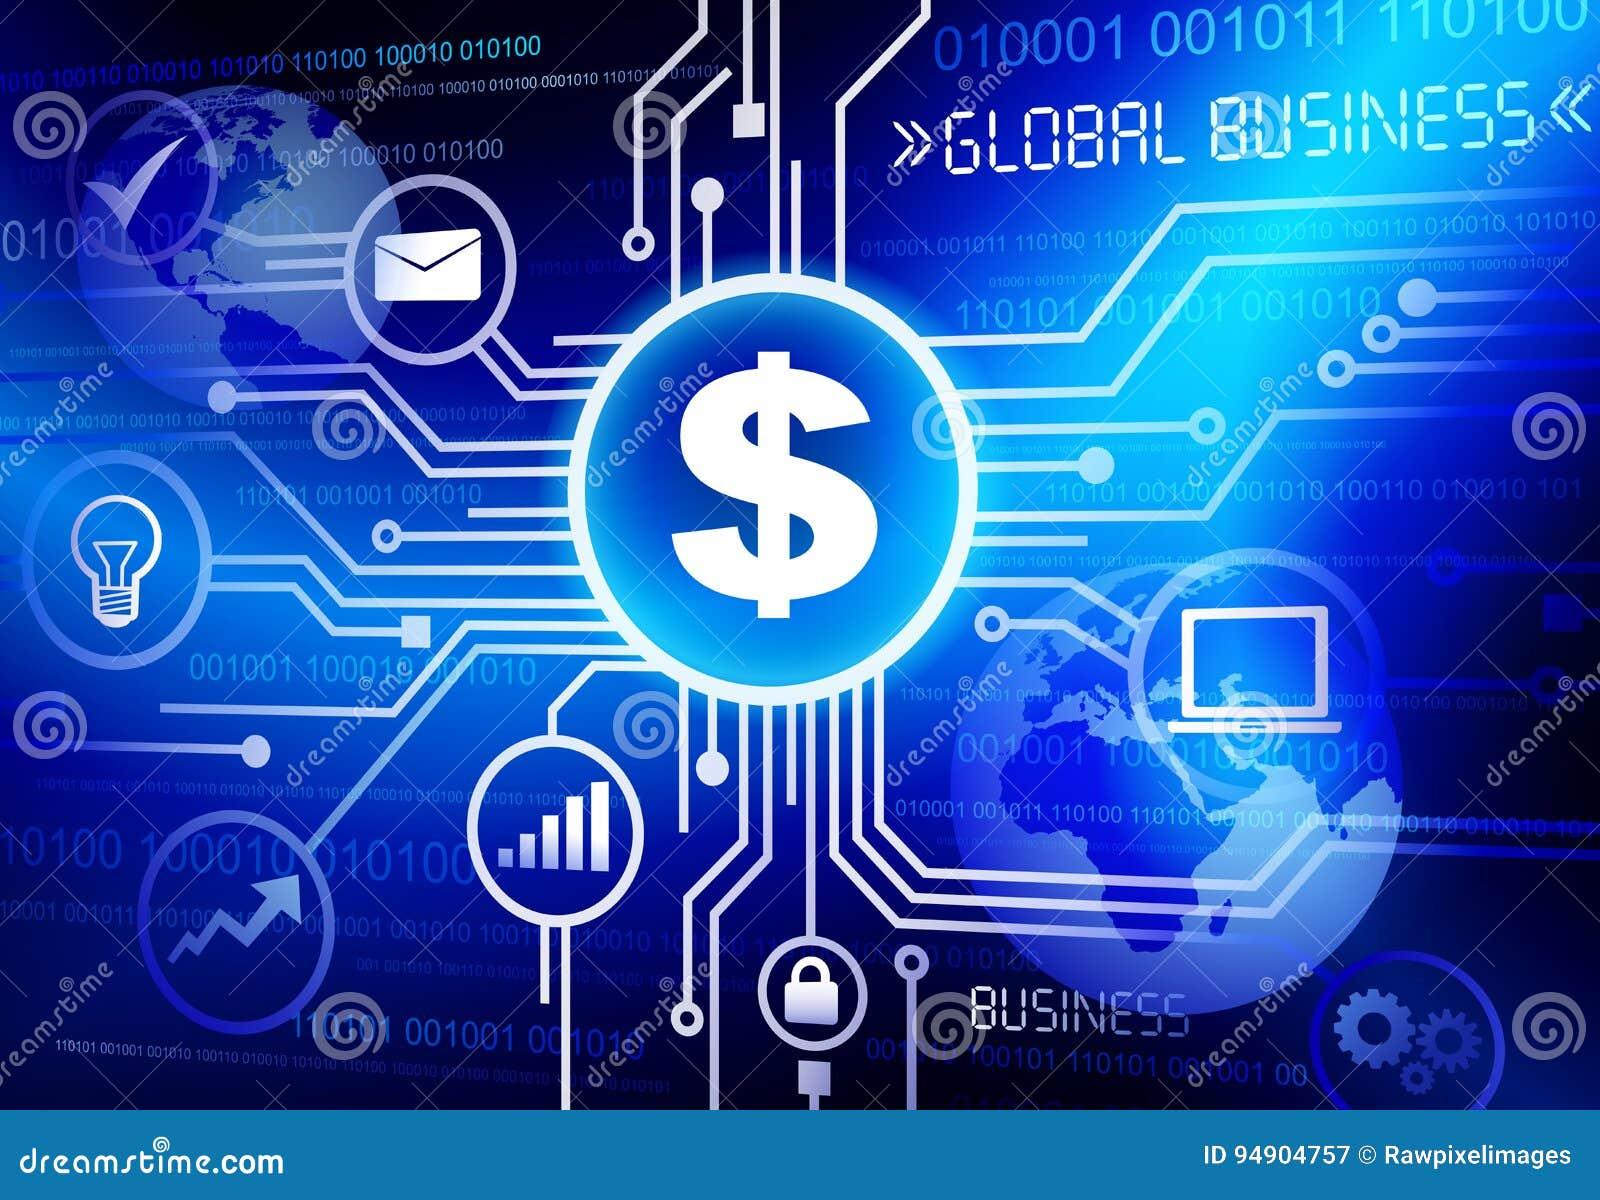 全球企业流程图系统概念